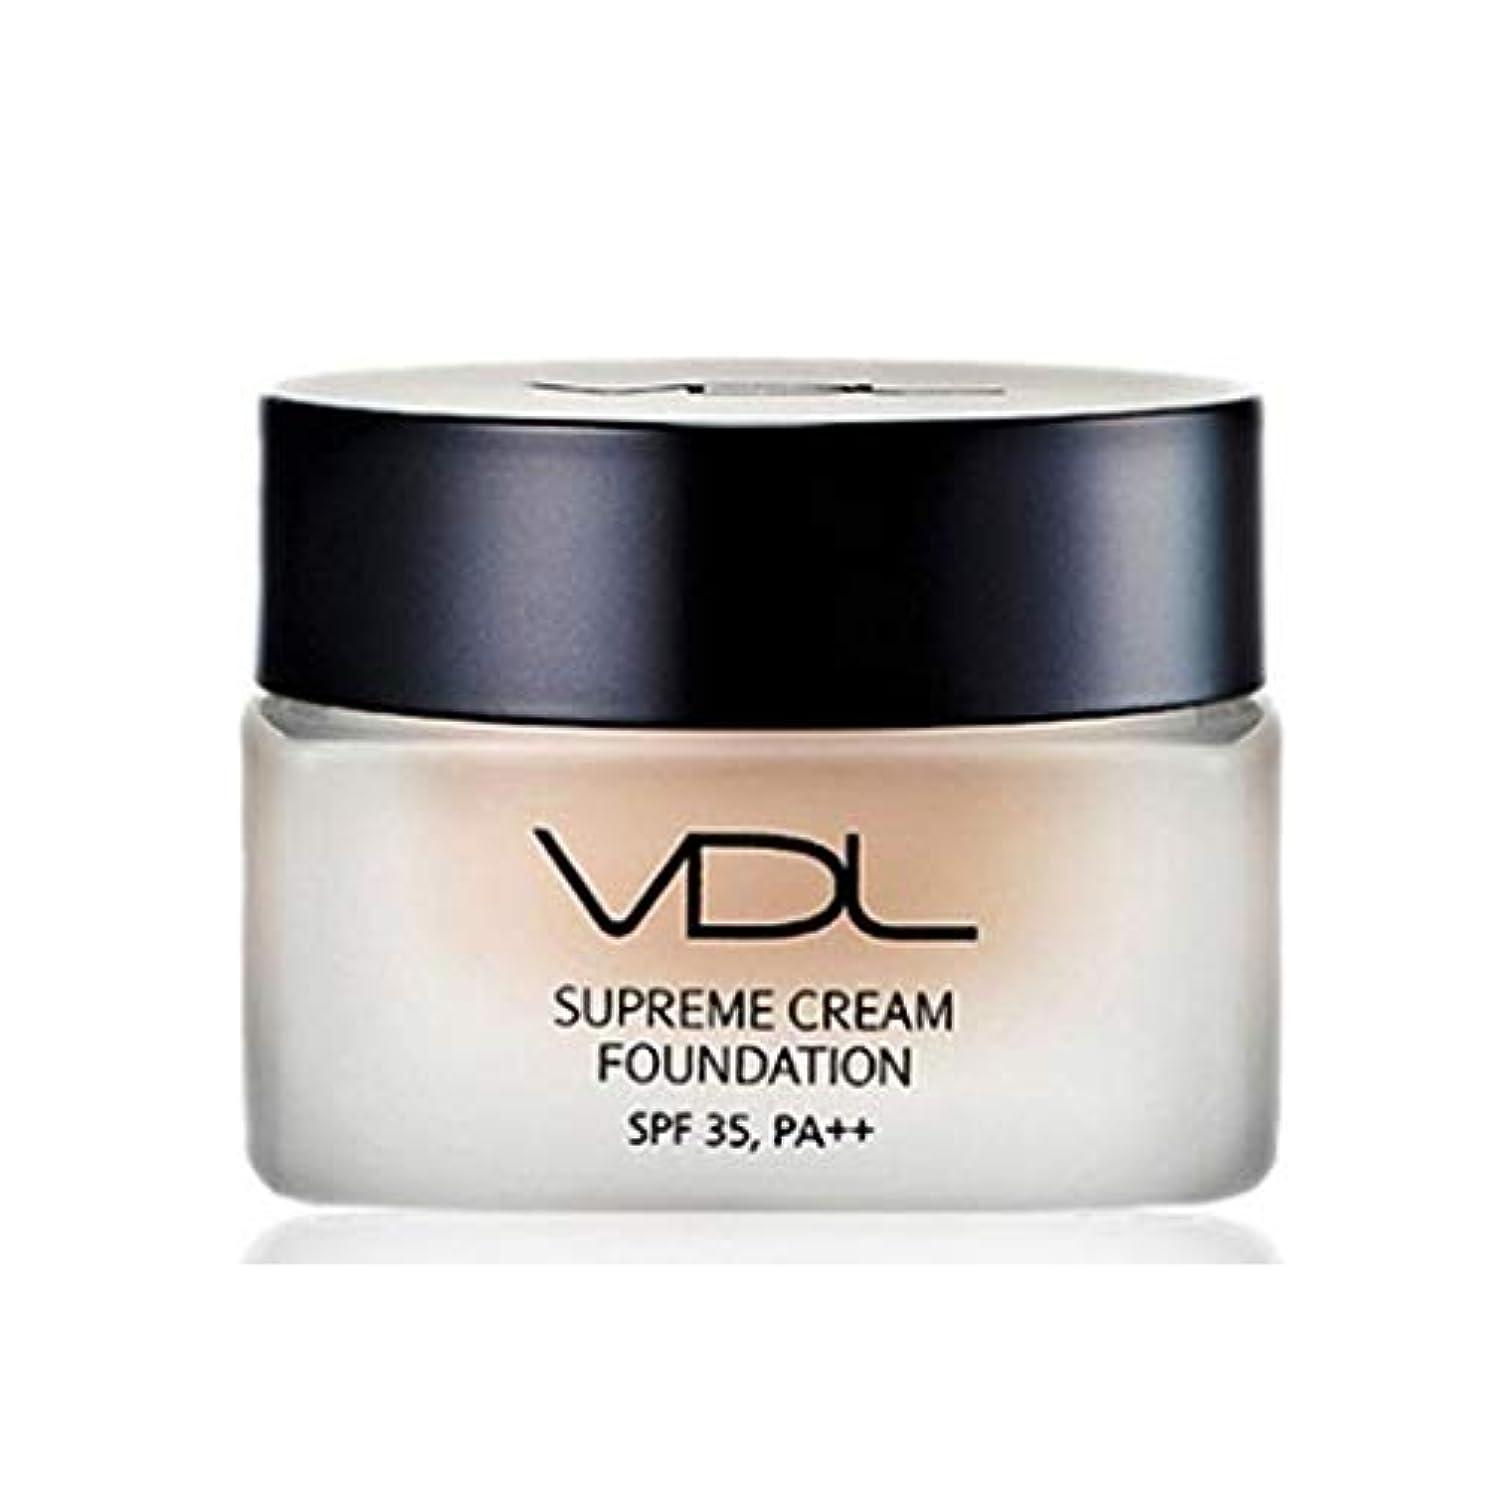 オーバーフロー屋内道路VDLスプリームクリームファンデーション30ml SPF35 PA++ 4色、VDL Supreme Cream Foundation 30ml SPF35 PA++ 4 Colors [並行輸入品] (A02)